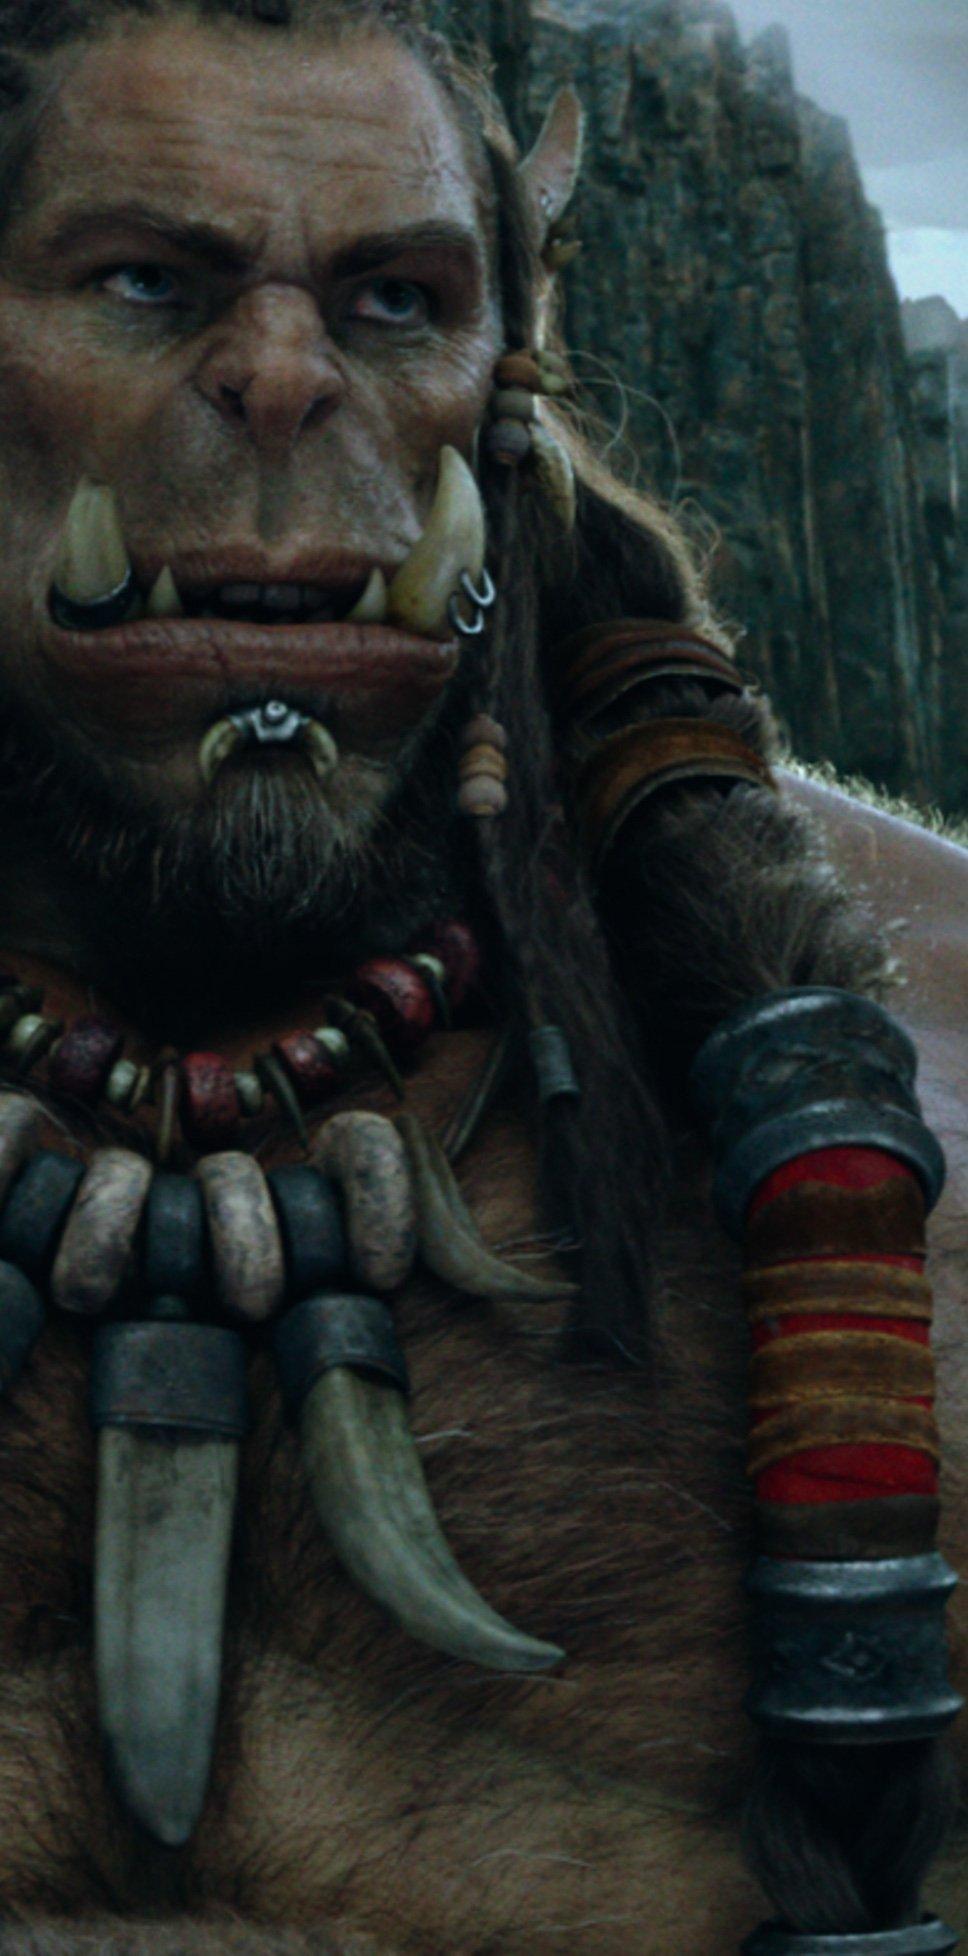 варкрафт обзор рецензия отзывы оценки warcraft movie варкрафт экранизация фильм отвратительные мужики disgusting men